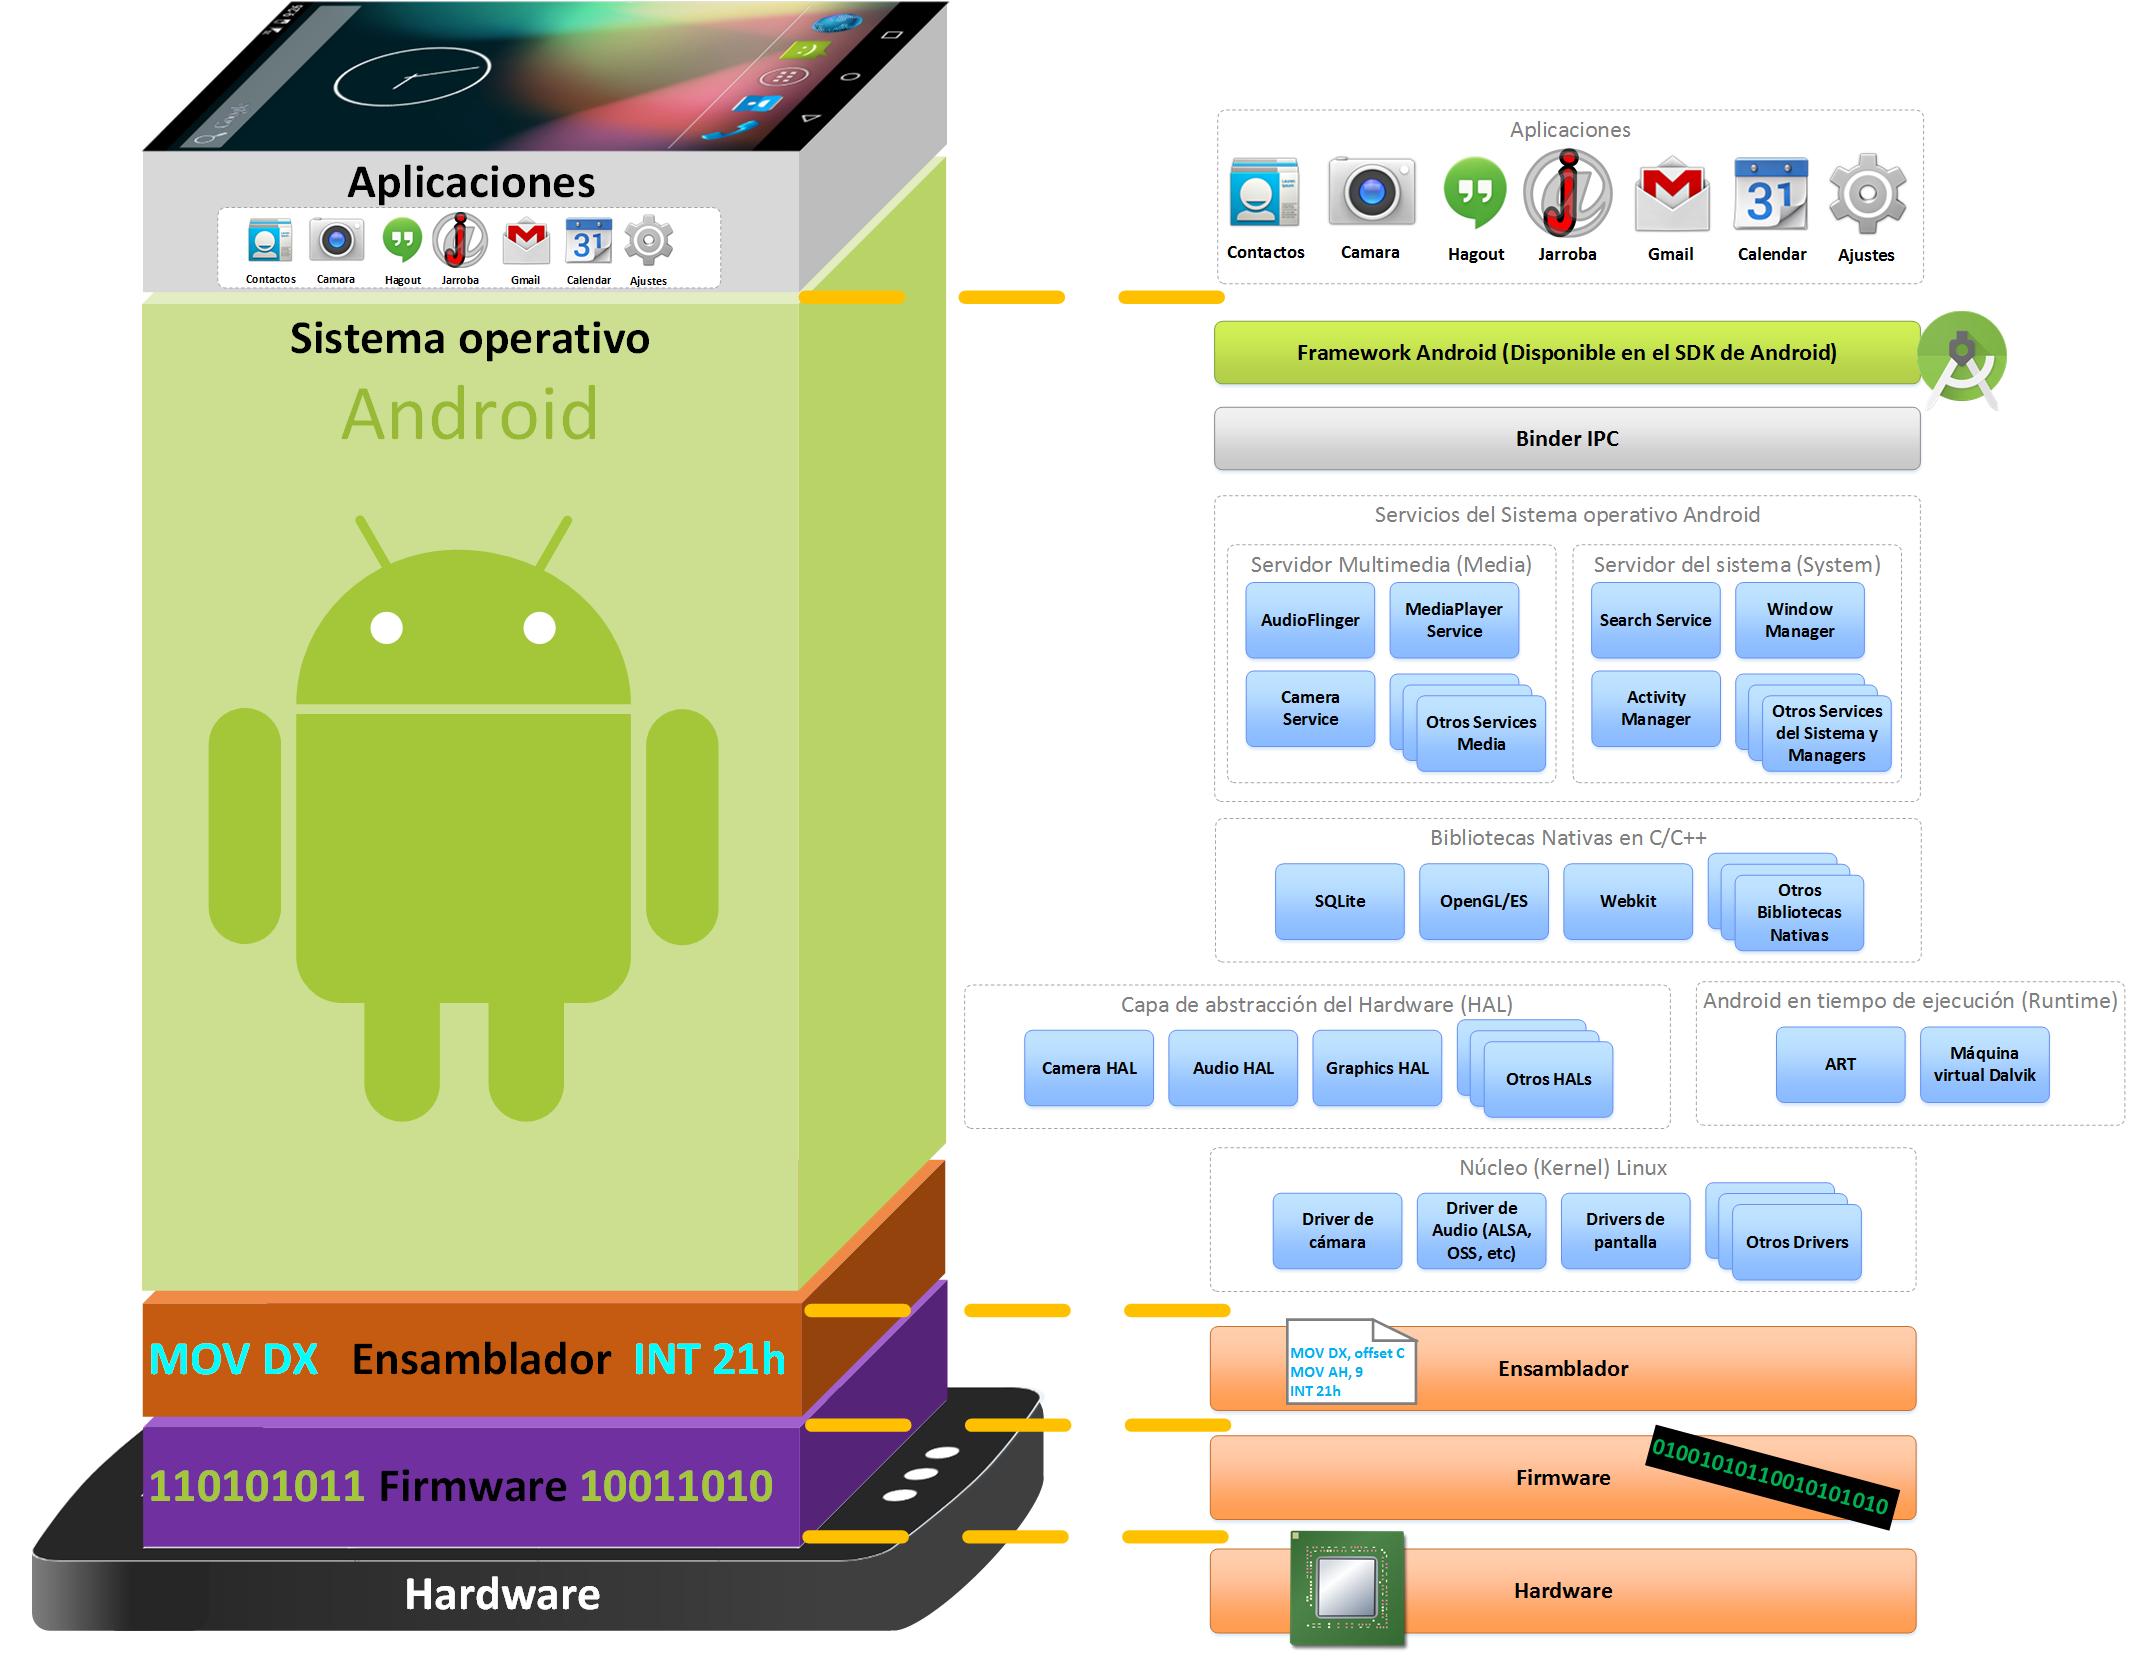 Art Vs Dalvik Arquitectura Android